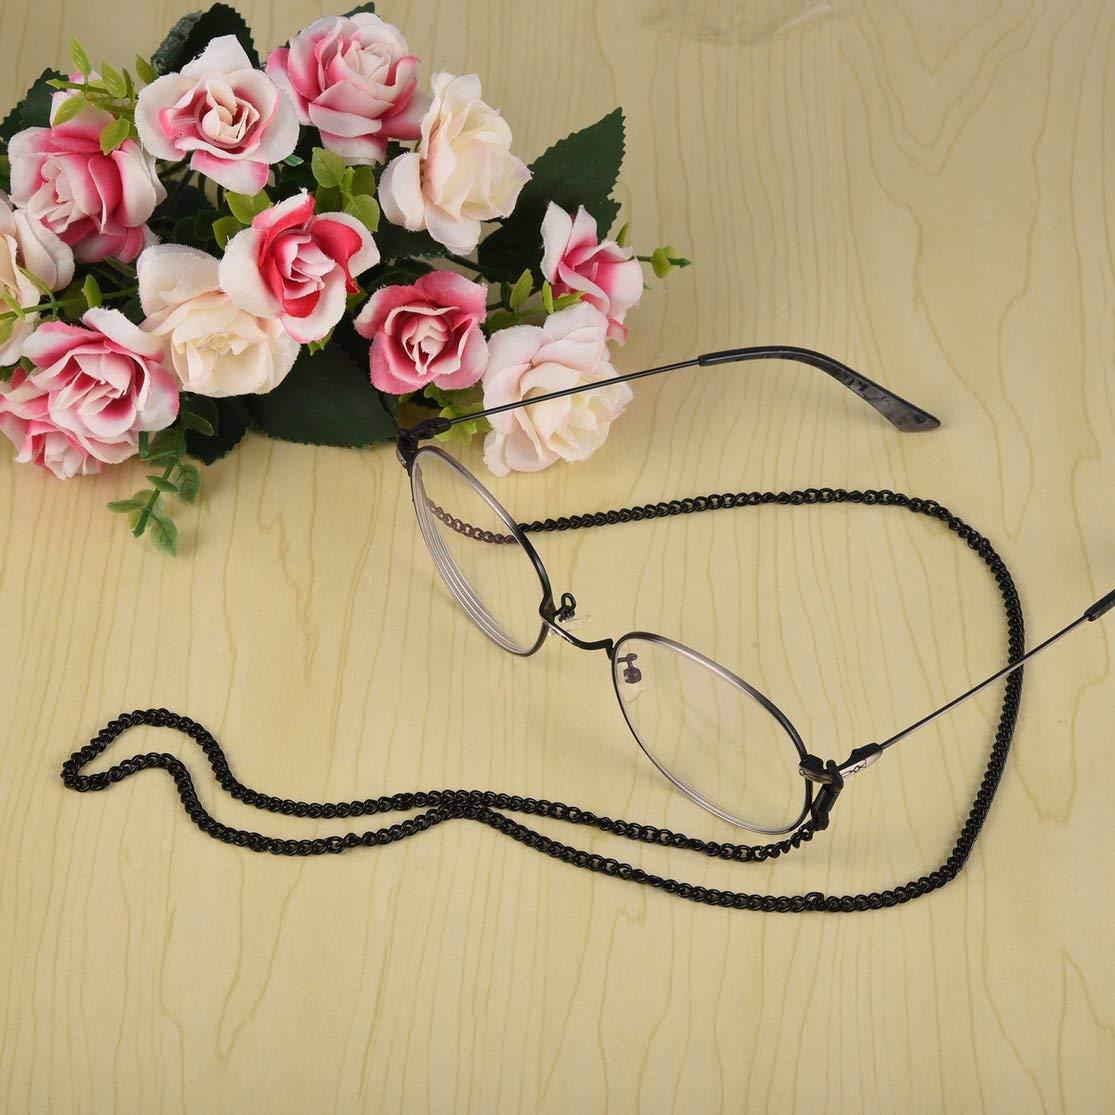 LouiseEvel215 Occhiali da Vista delicati Occhiali da Vista Collana Catena Occhiali da Vista Cordino per Collo Cordino per Collo Regali per Amici